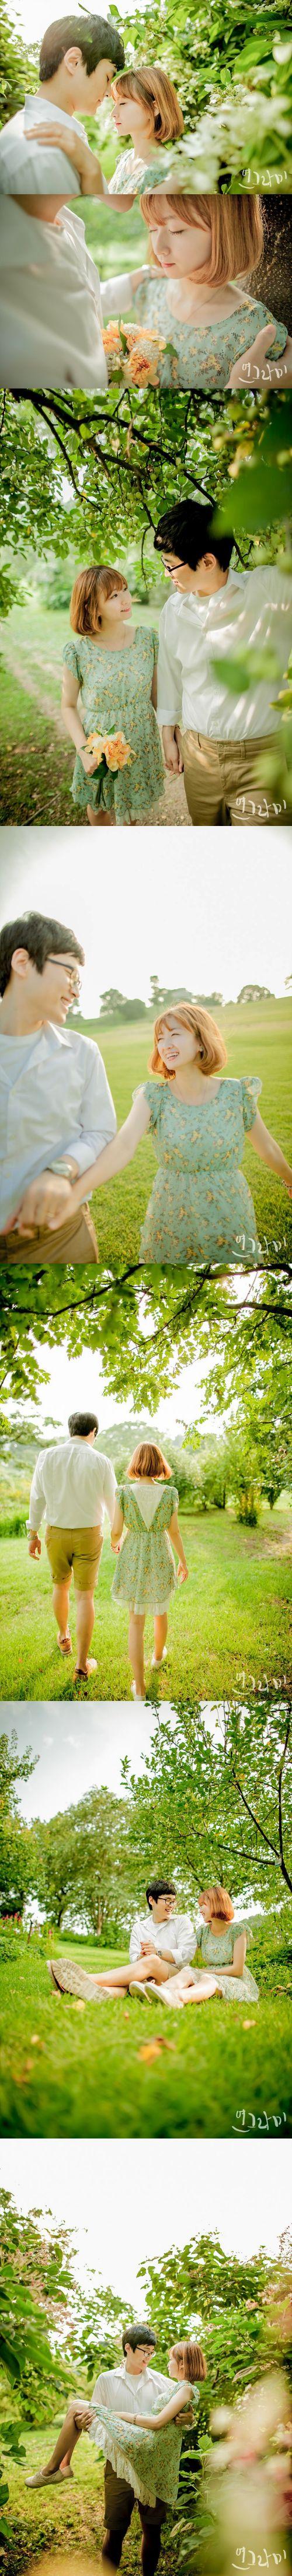 best photoshot images on pinterest wedding photoshoot